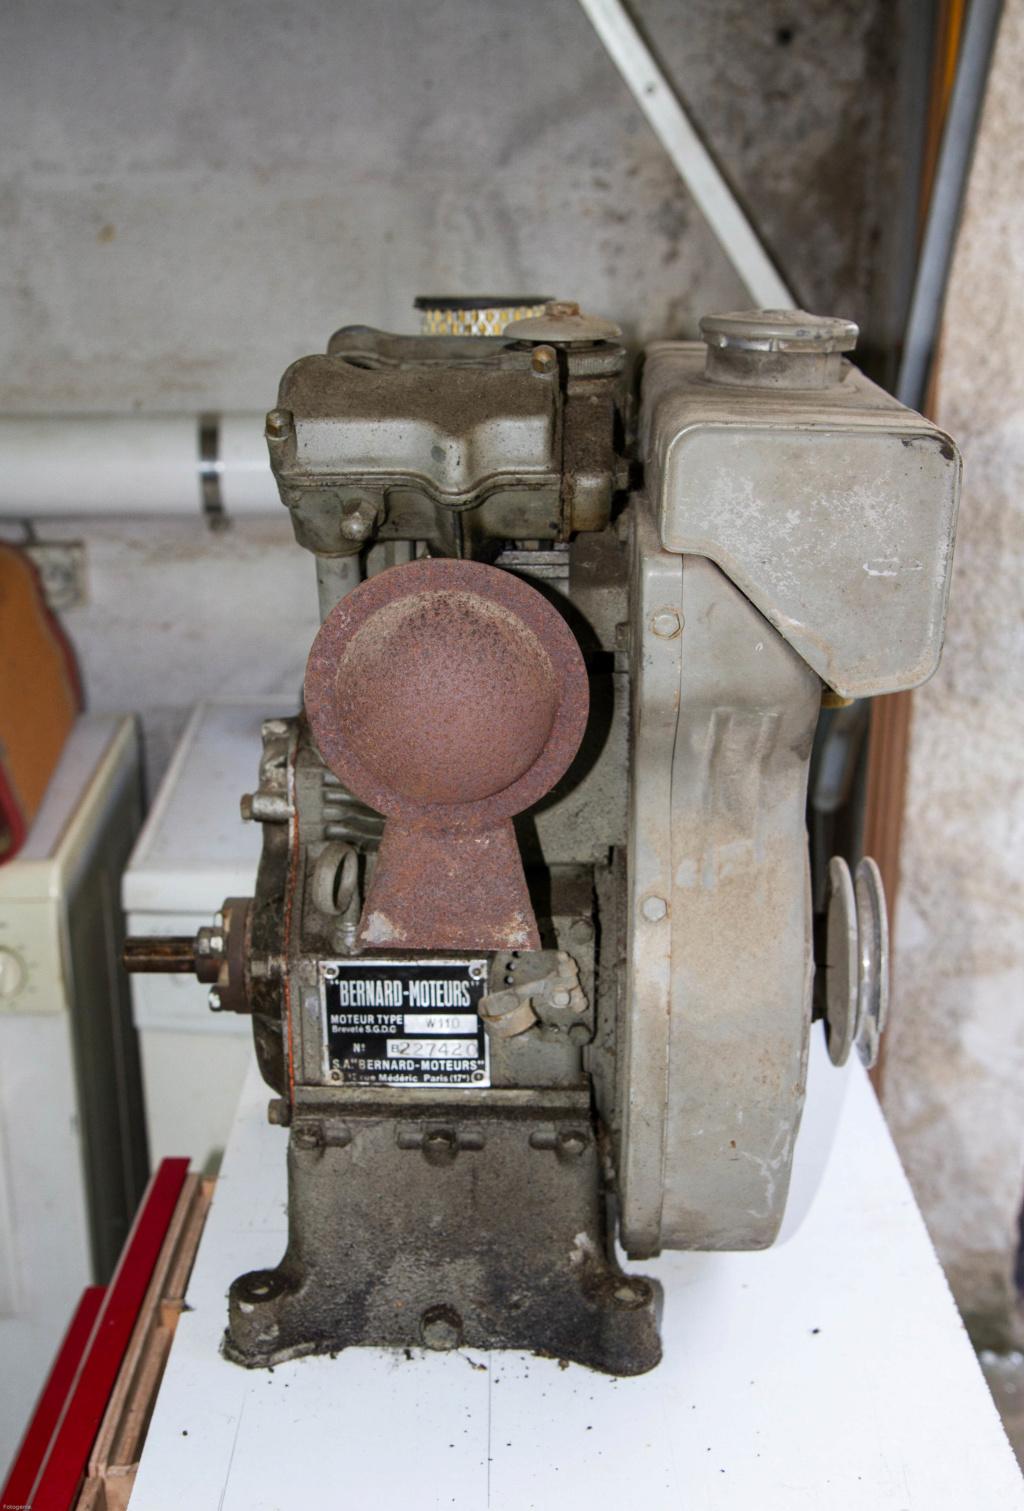 ( Vends) : PPXS8 , PP2x , moteurs bernard et autres ... Img_9126